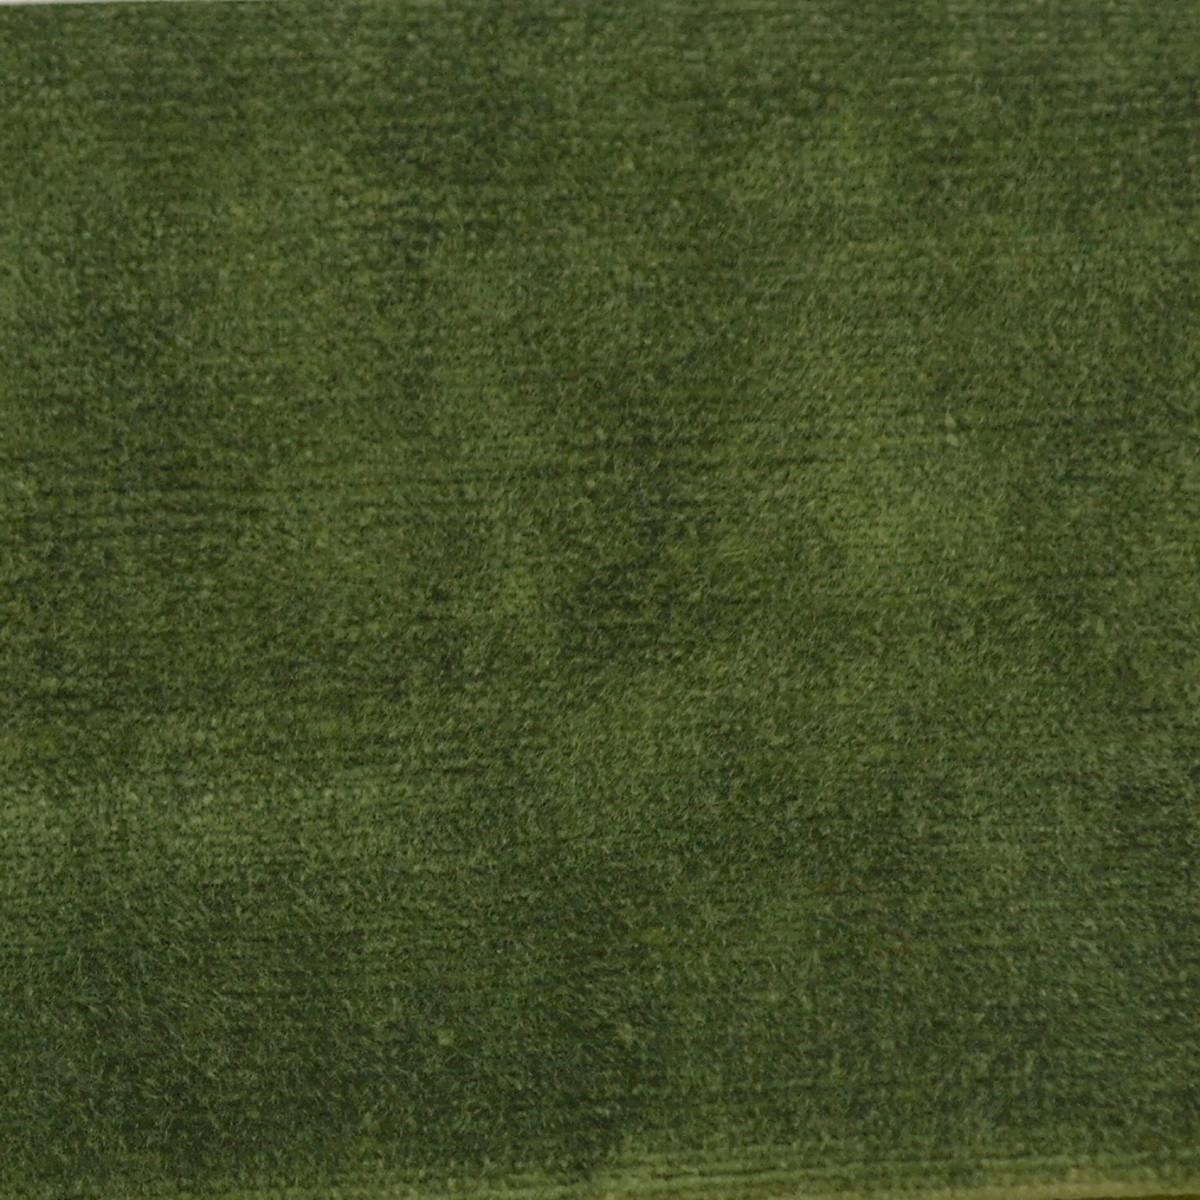 Sultan Fabric Evergreen 3205 630 Prestigious